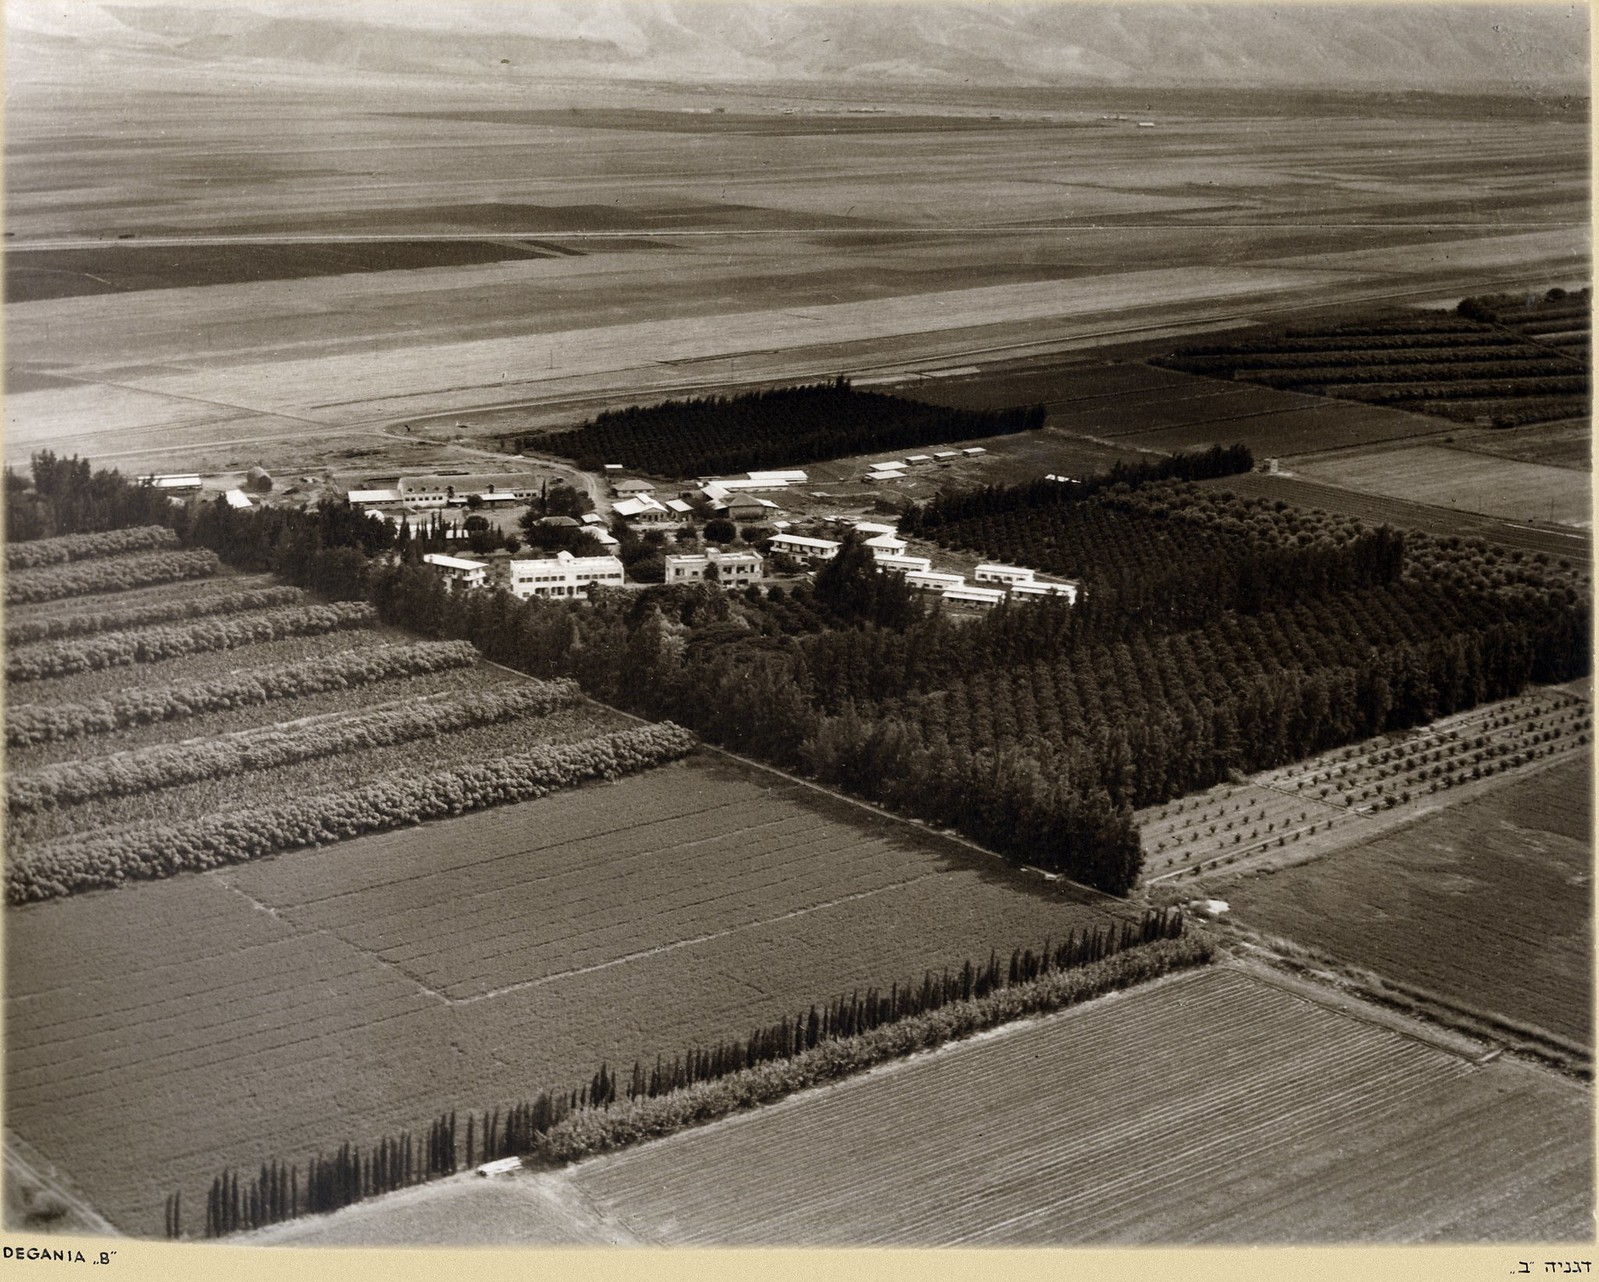 Кибуц Дгания (первый кибуц в Палестине)